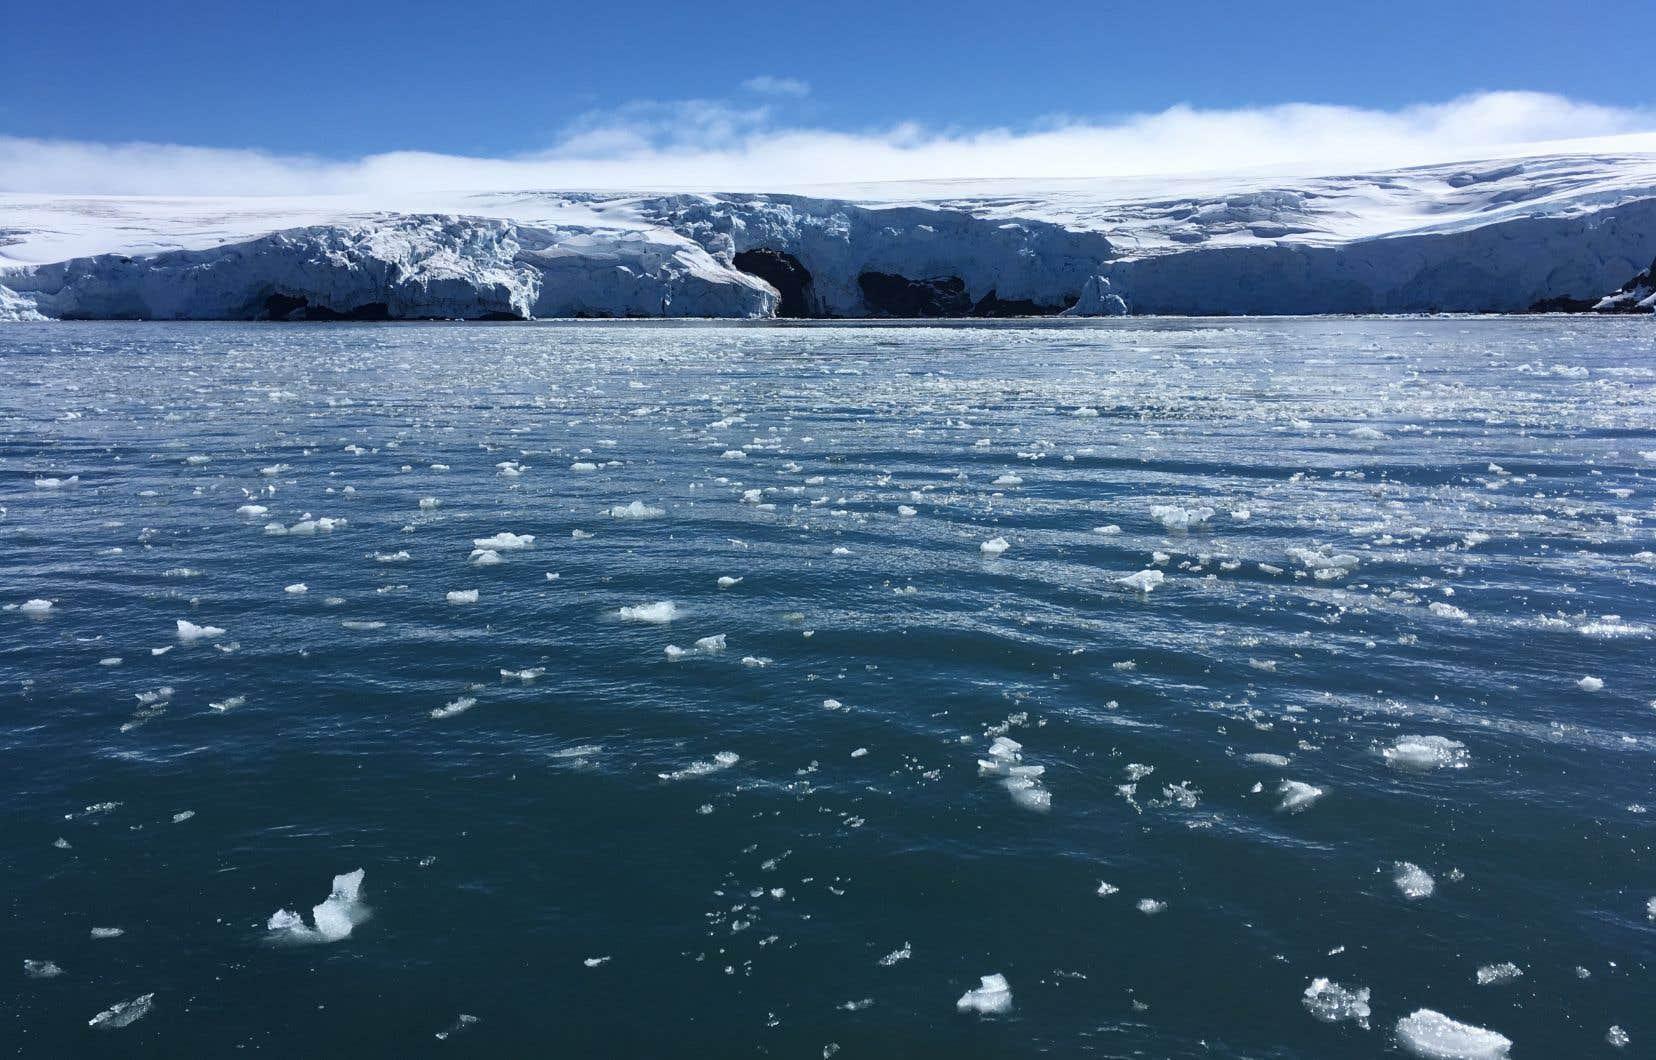 Des milliards de tonnes d'eau issues de la fonte des glaces risquent d'affaiblir les courants océaniques.